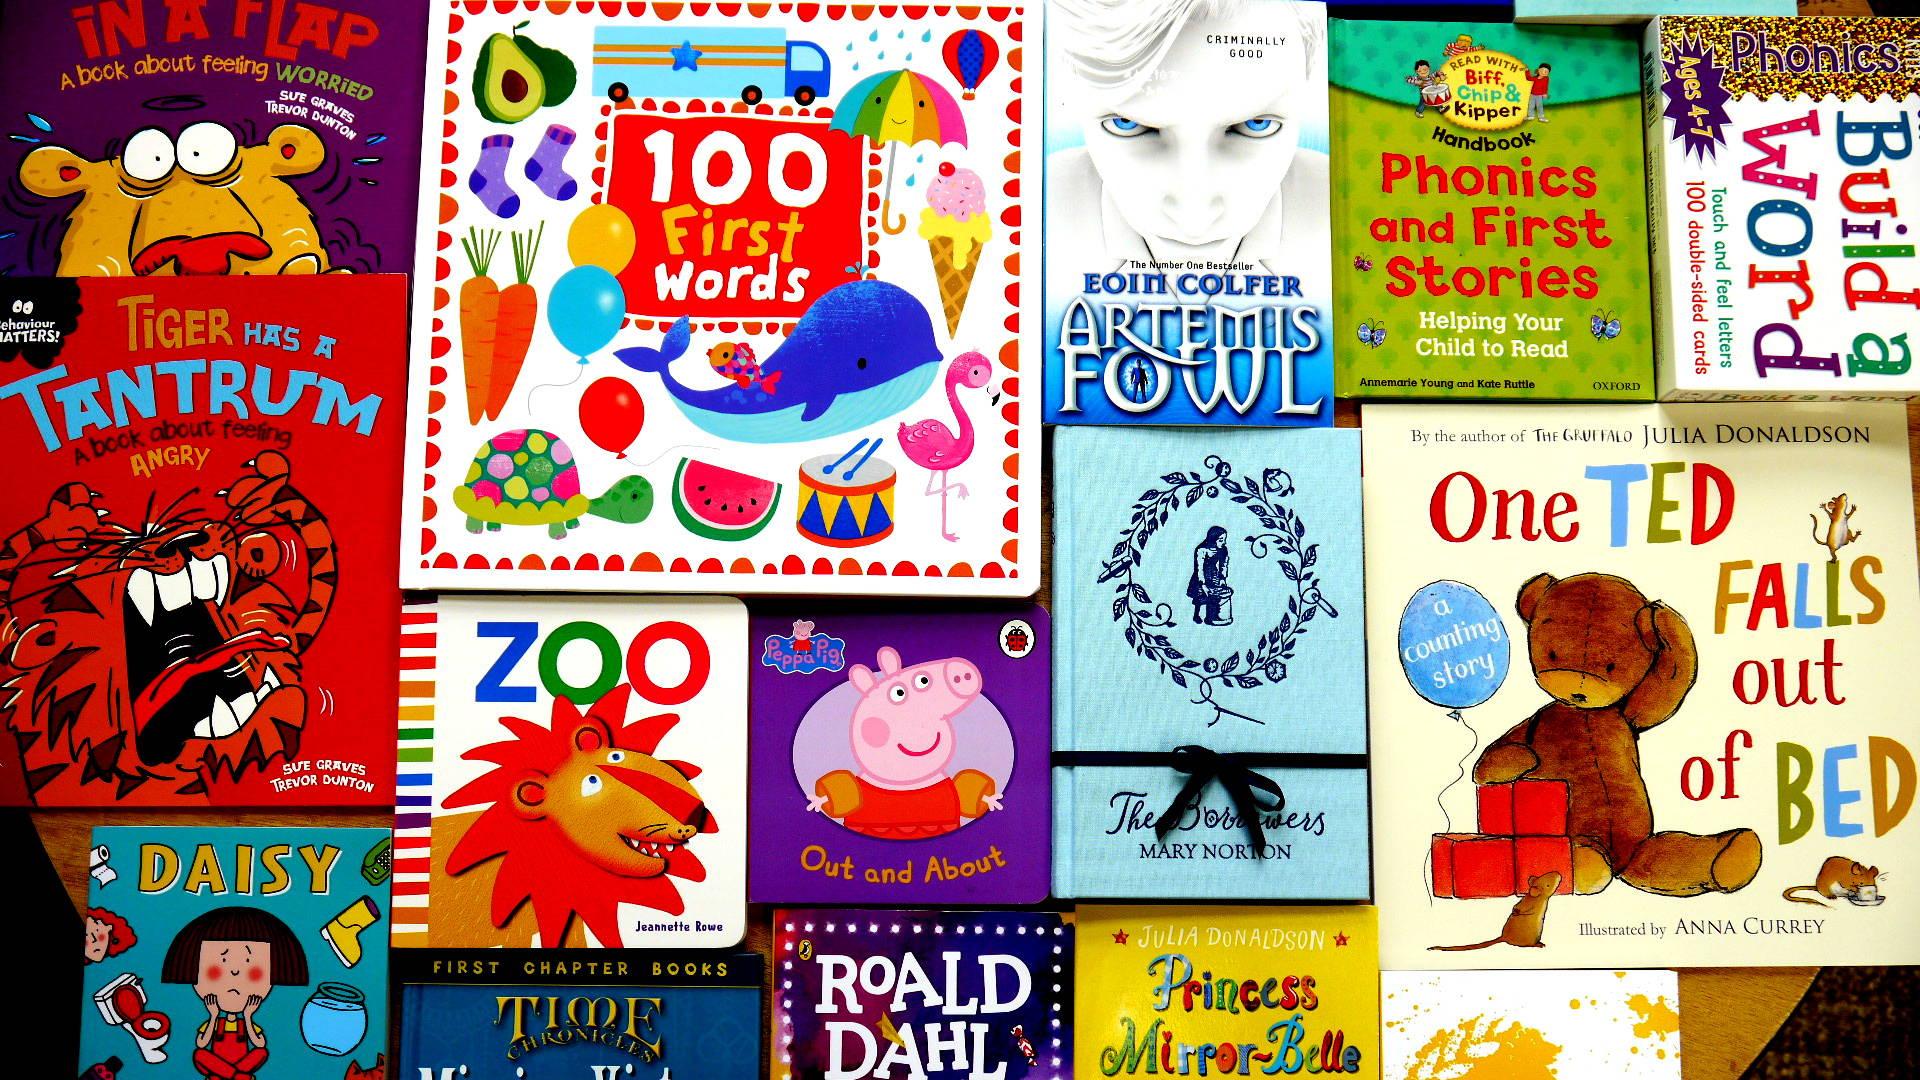 School Book Fair | school book fair companies |  school book fair providers